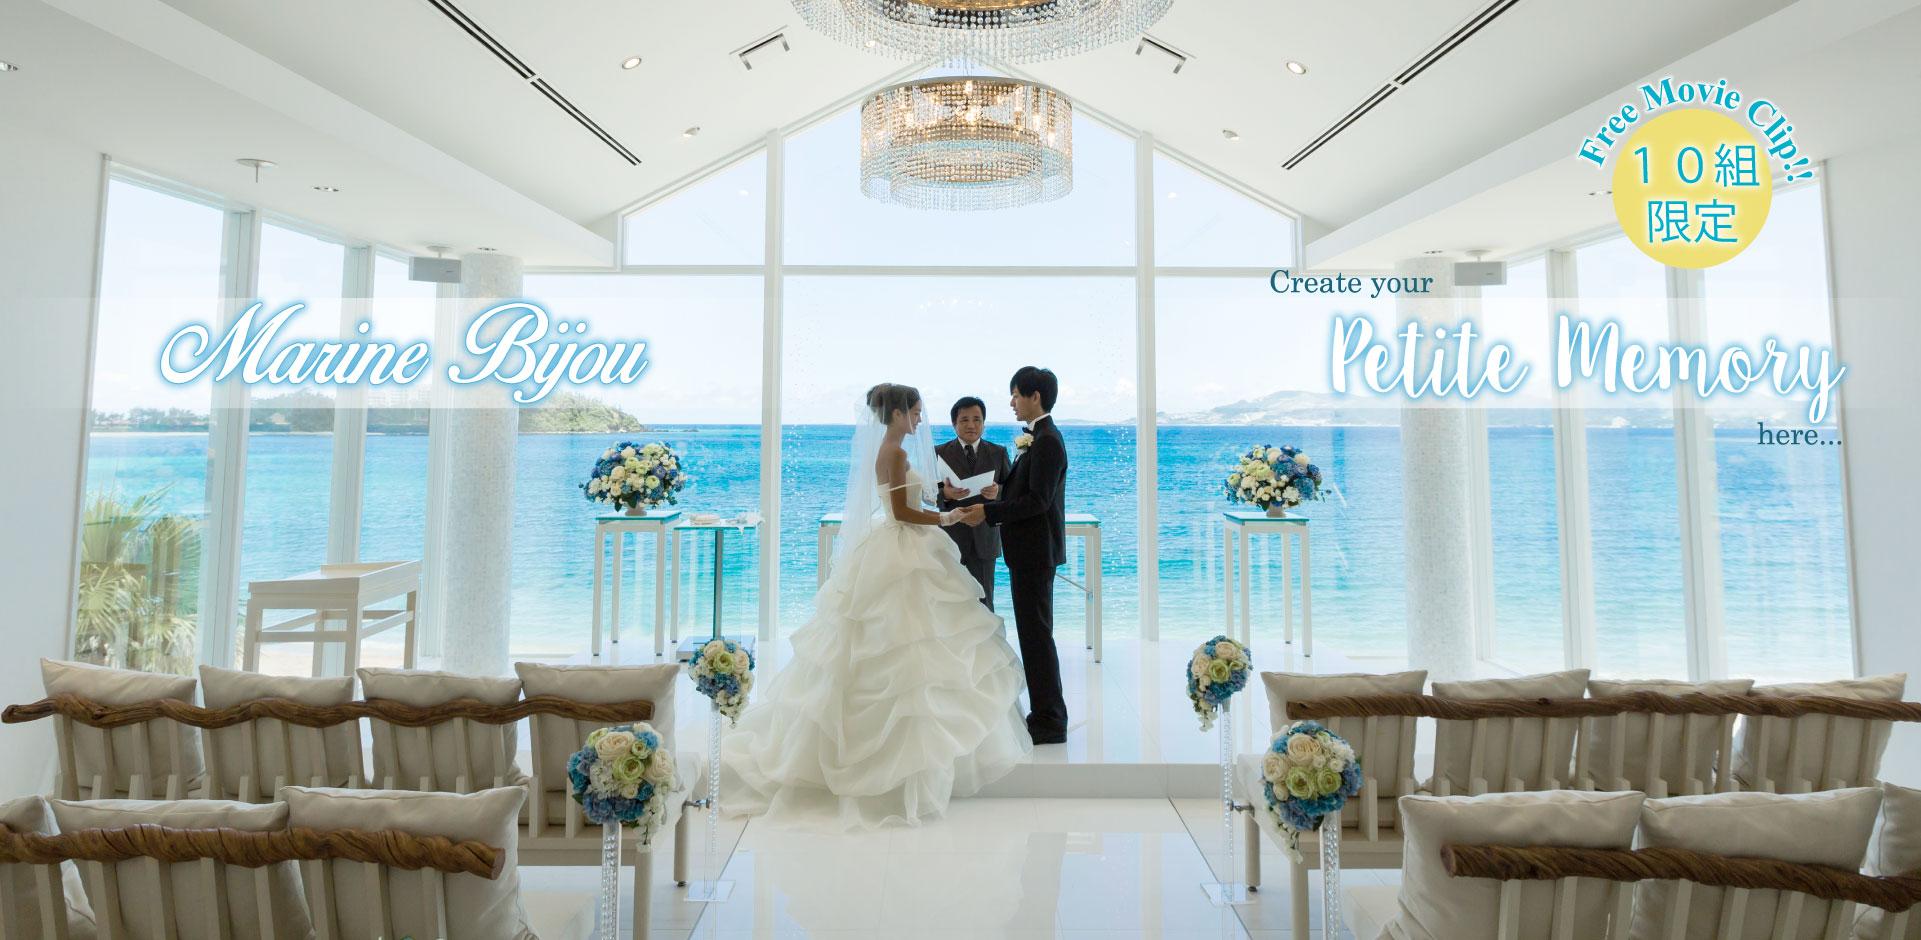 海外婚禮 沖繩 overseas wedding Marine Bijou 海之珀教堂